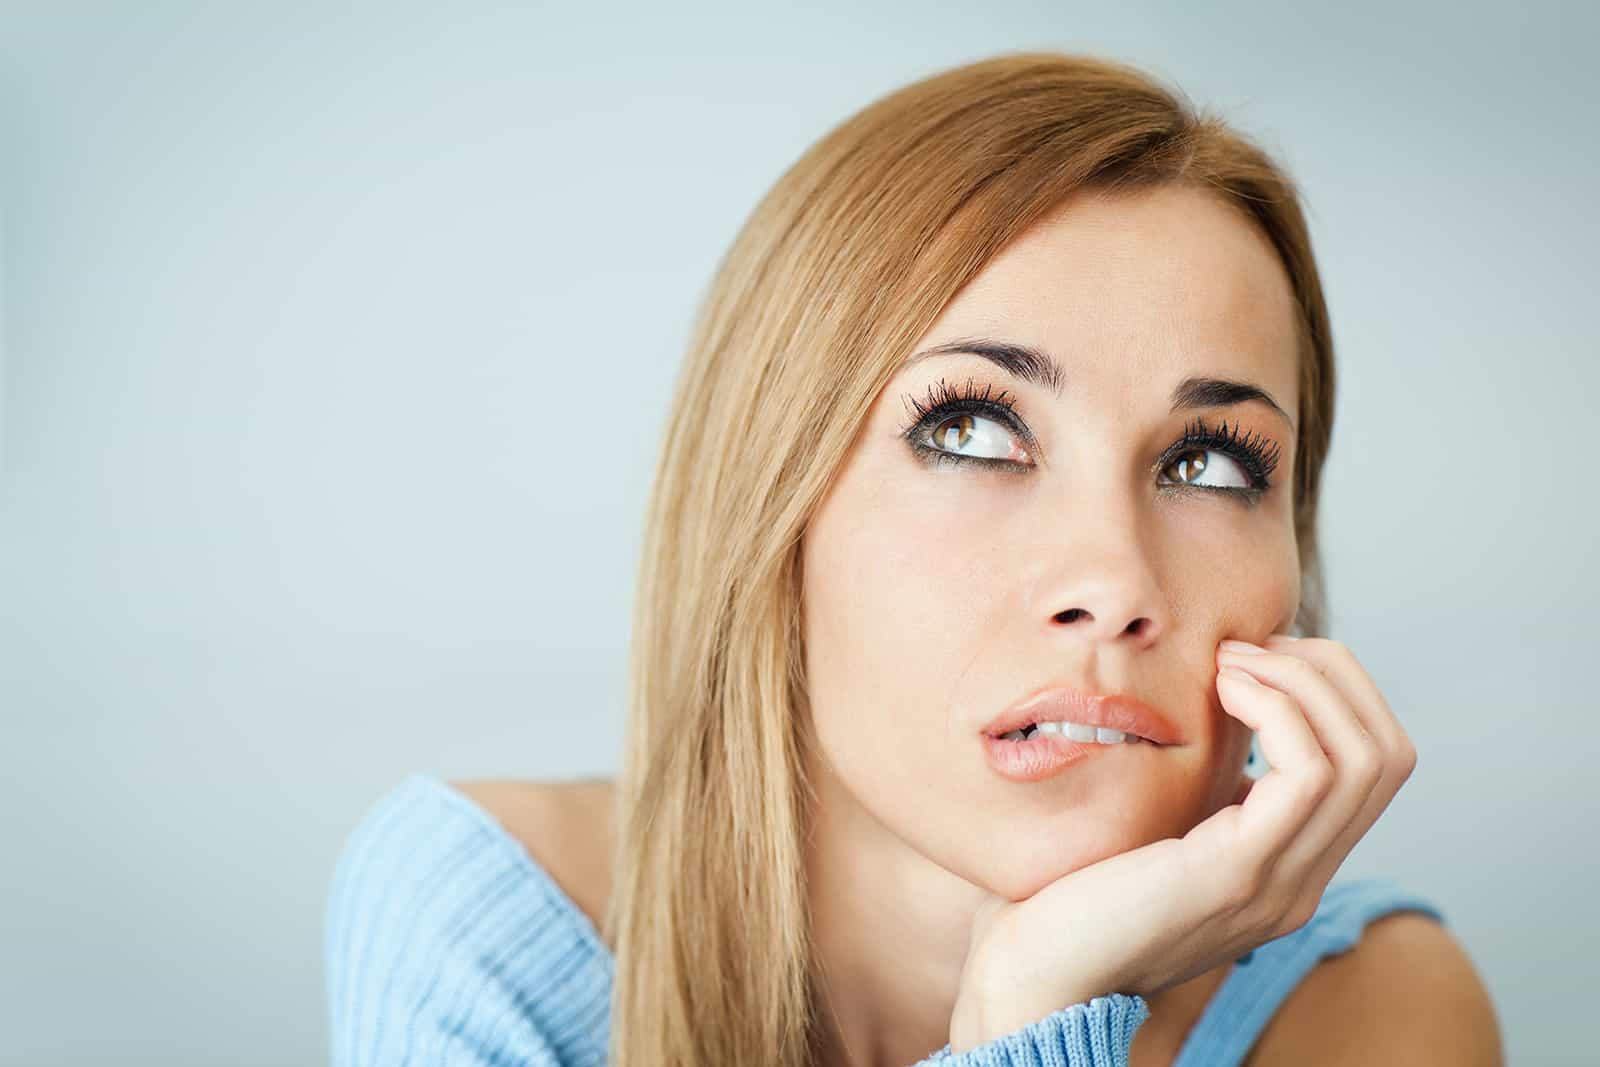 Frau denkt und beißt sich auf die Lippen und schaut mit einer Hand auf die Wange